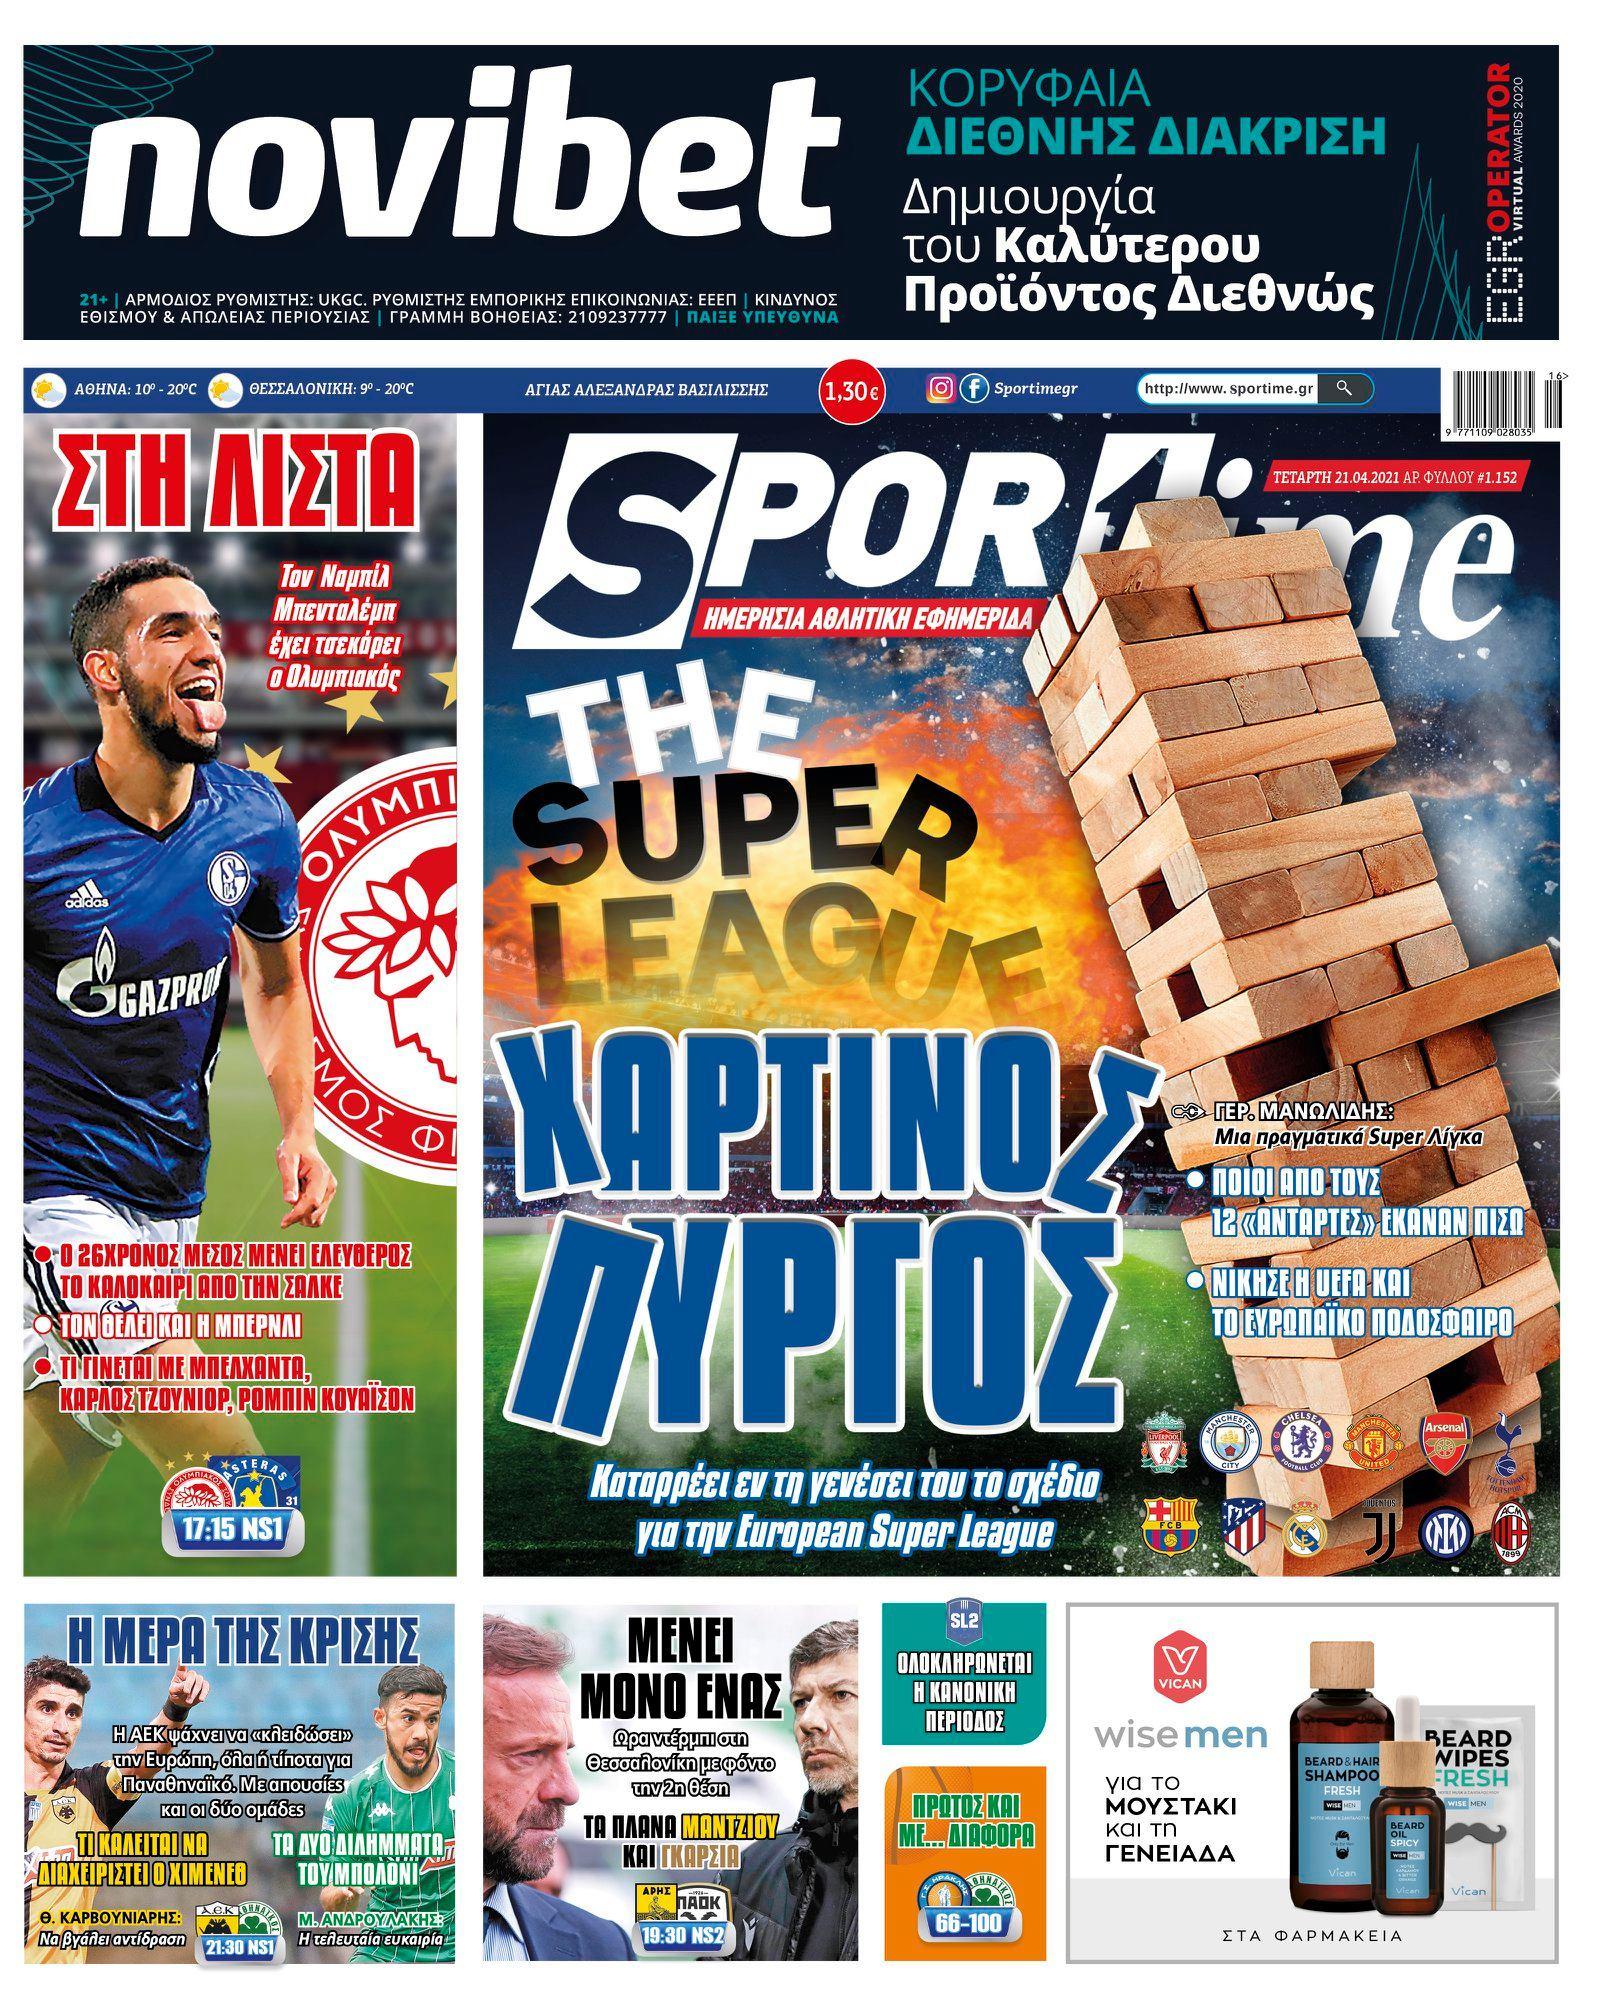 Εφημερίδα SPORTIME - Εξώφυλλο φύλλου 21/4/2021